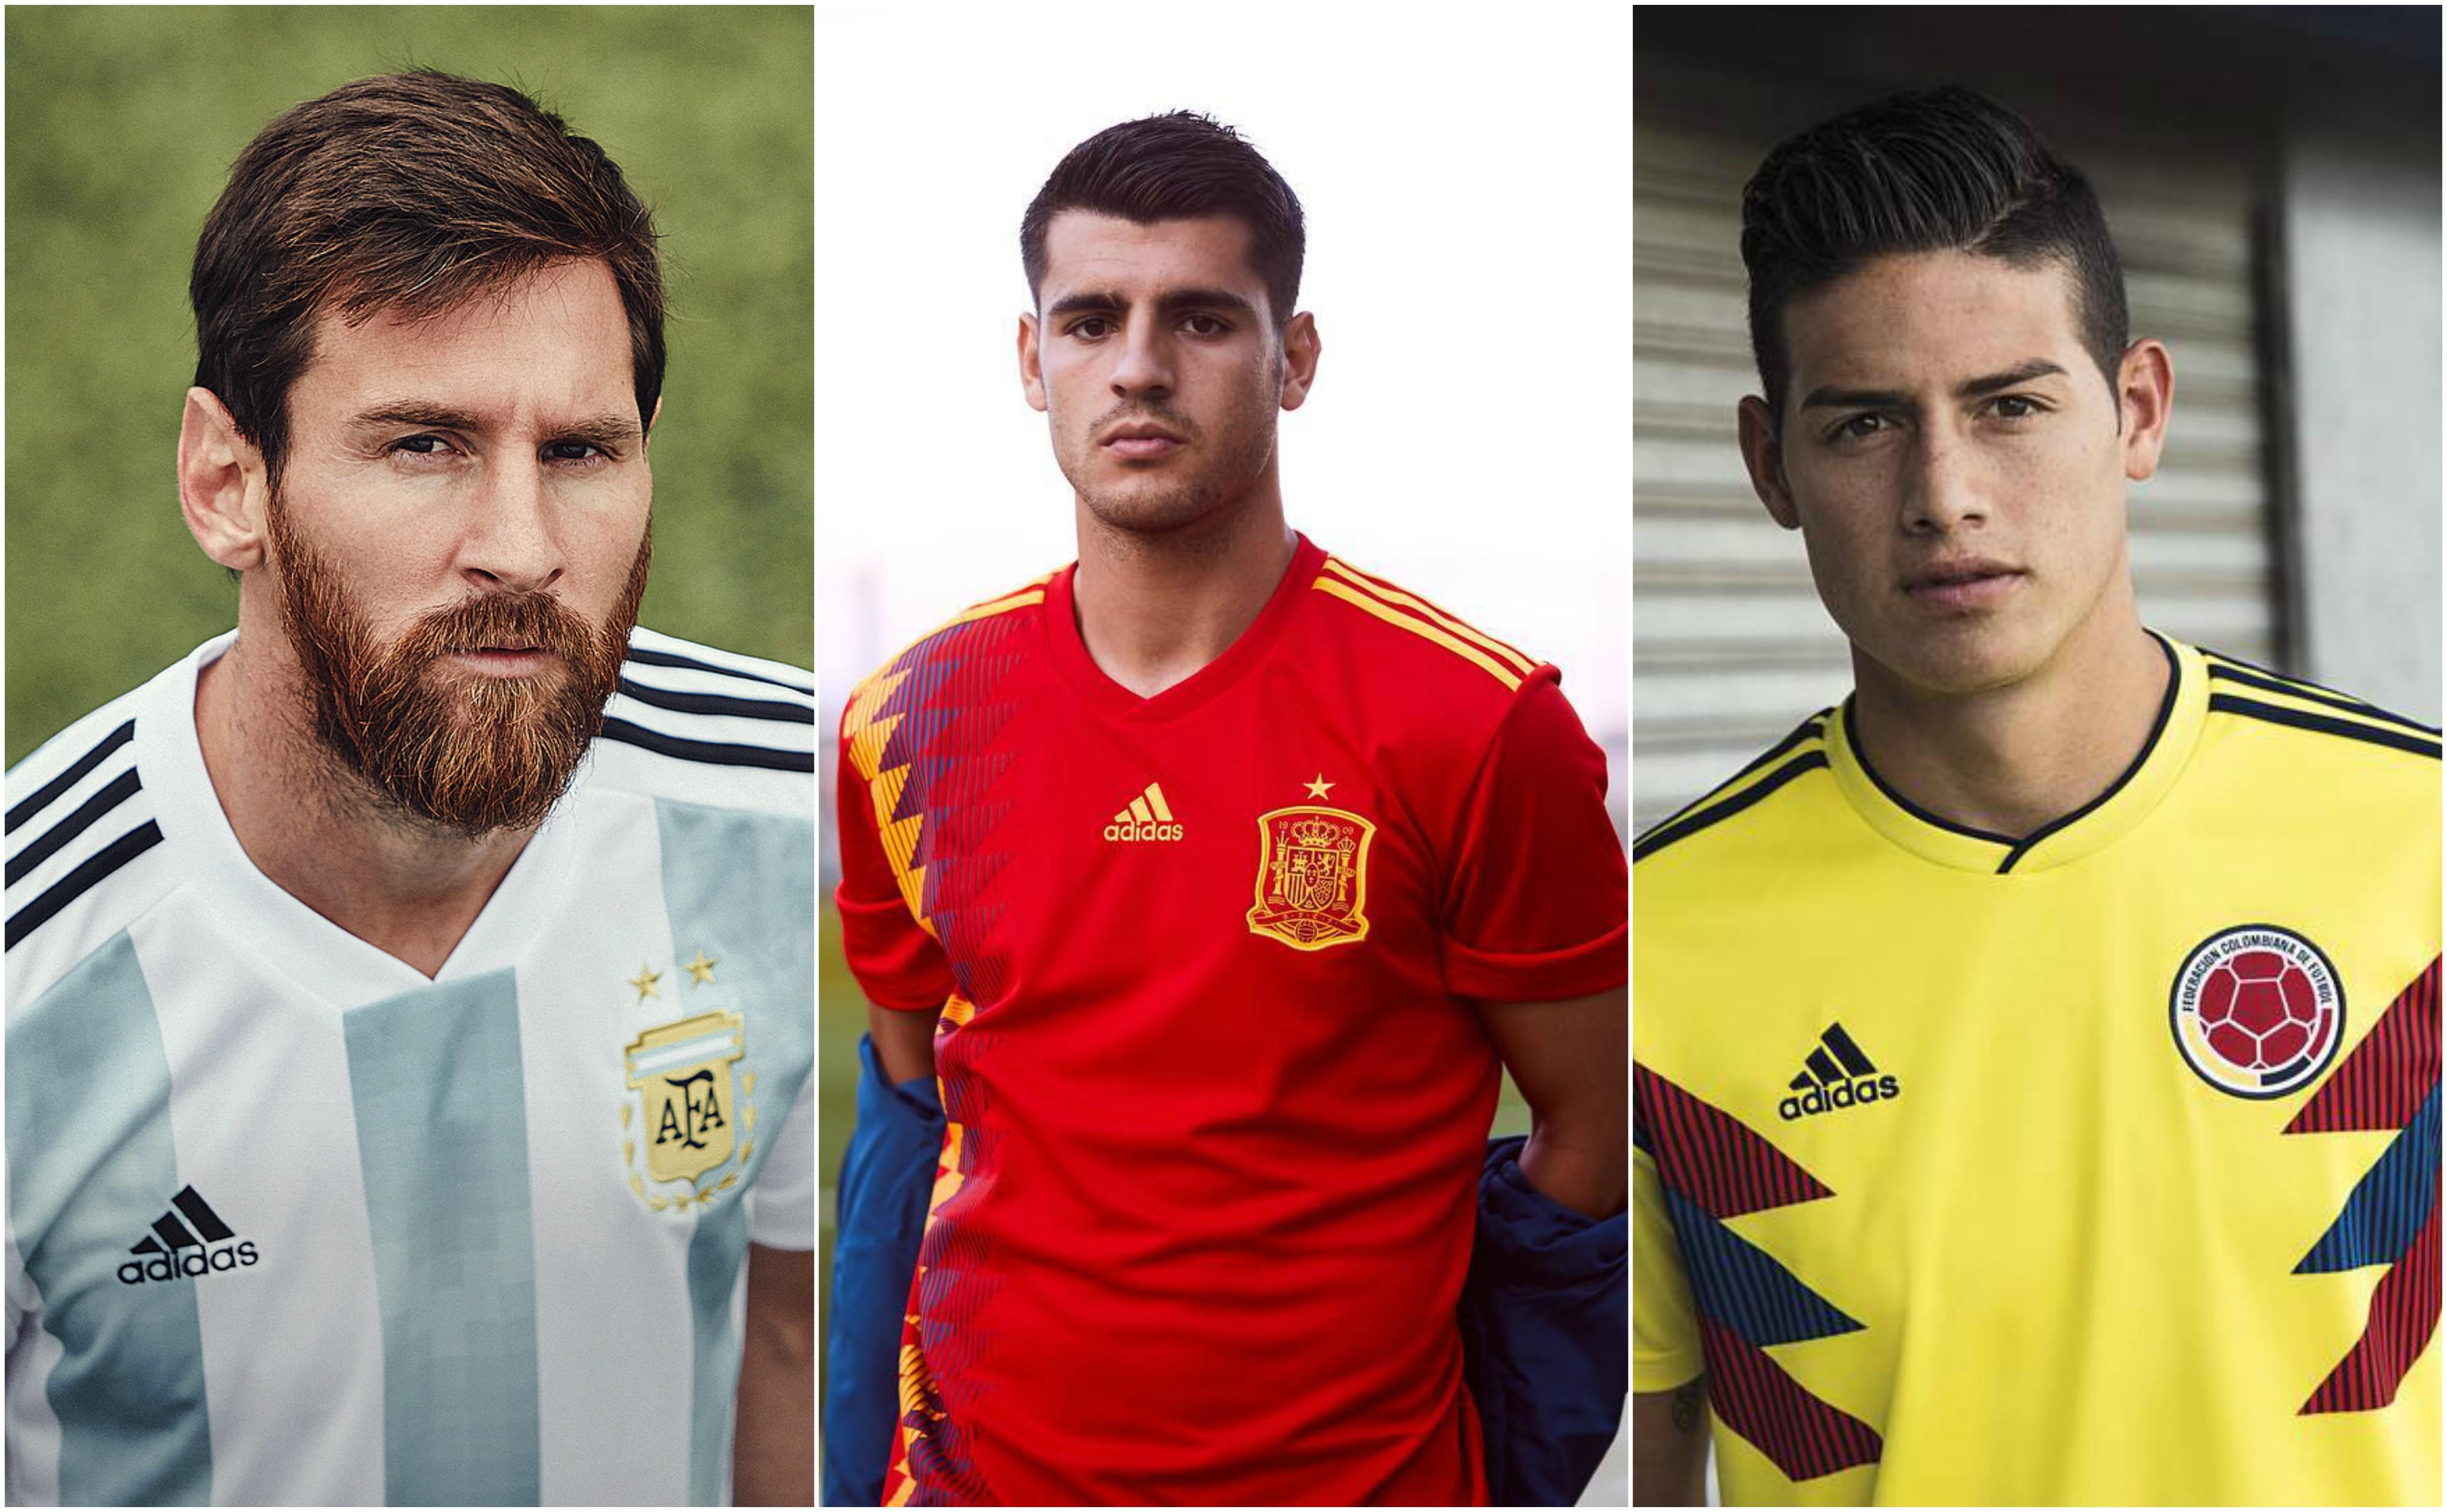 6baf5dd1b67194 Camisolas das seleções para Mundial 2018 abraçam o retro e a ...